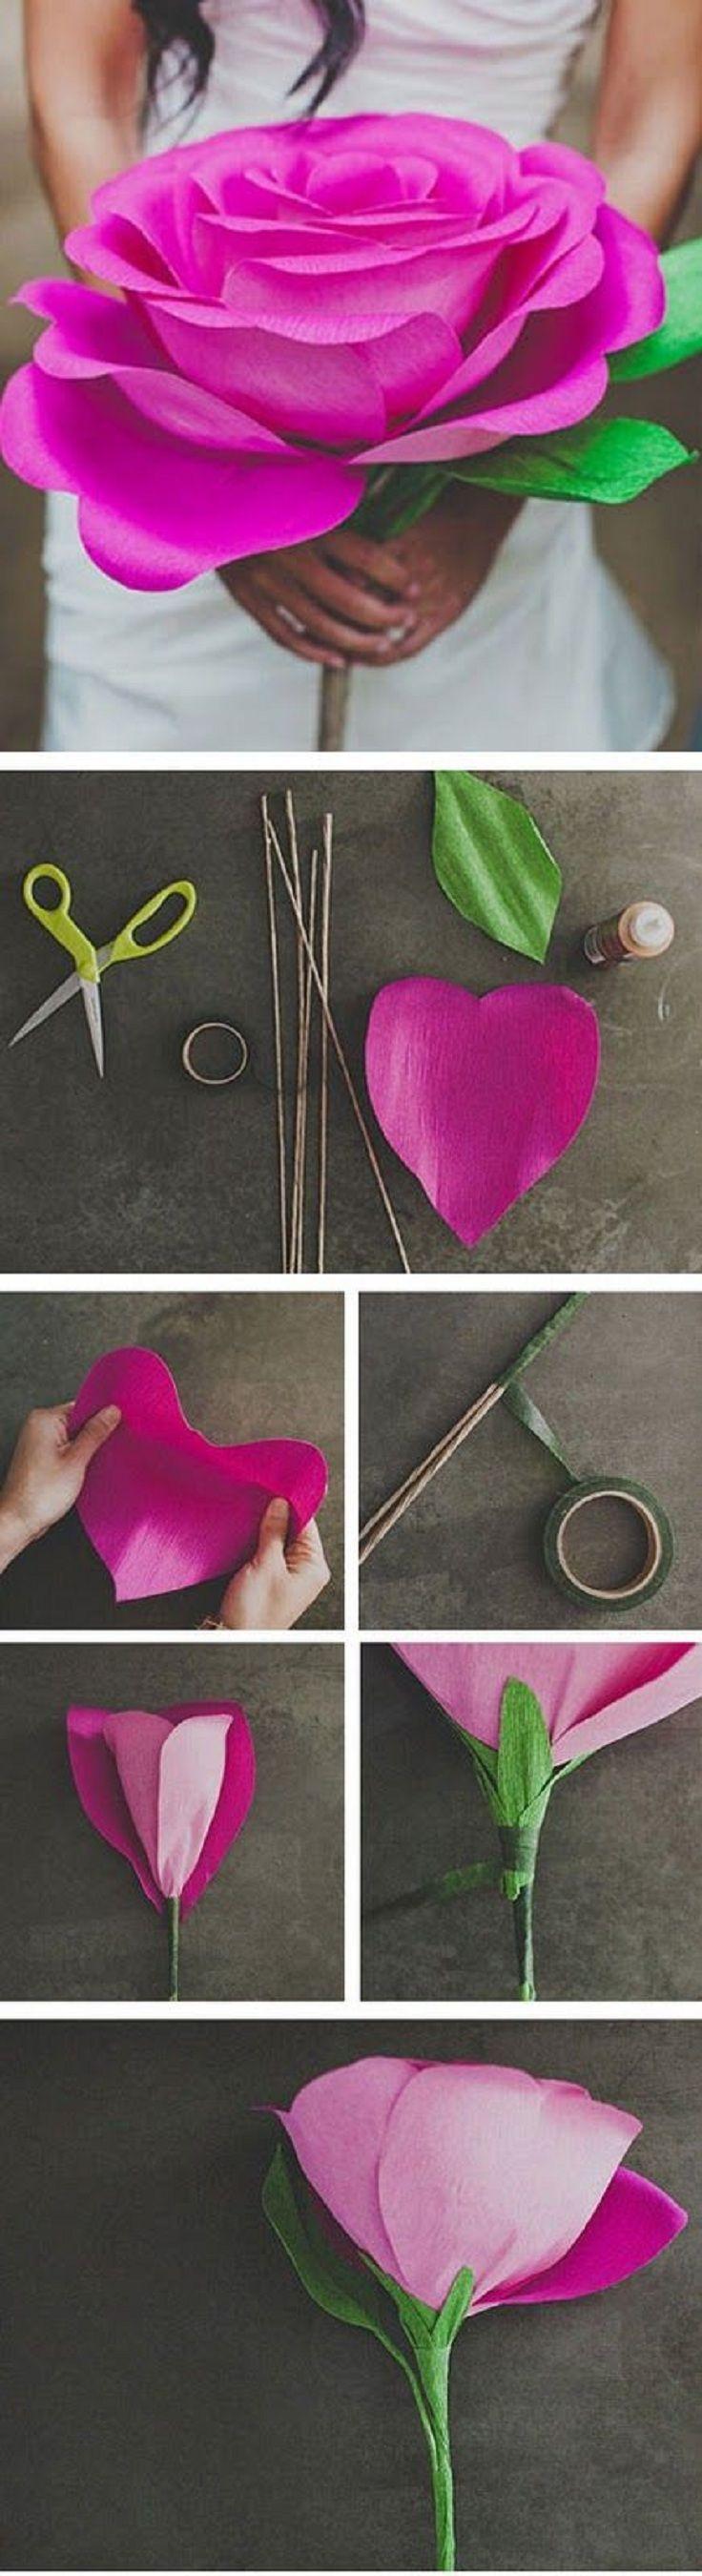 Как сделать цветок из бумаги своими руками оригами поэтапно